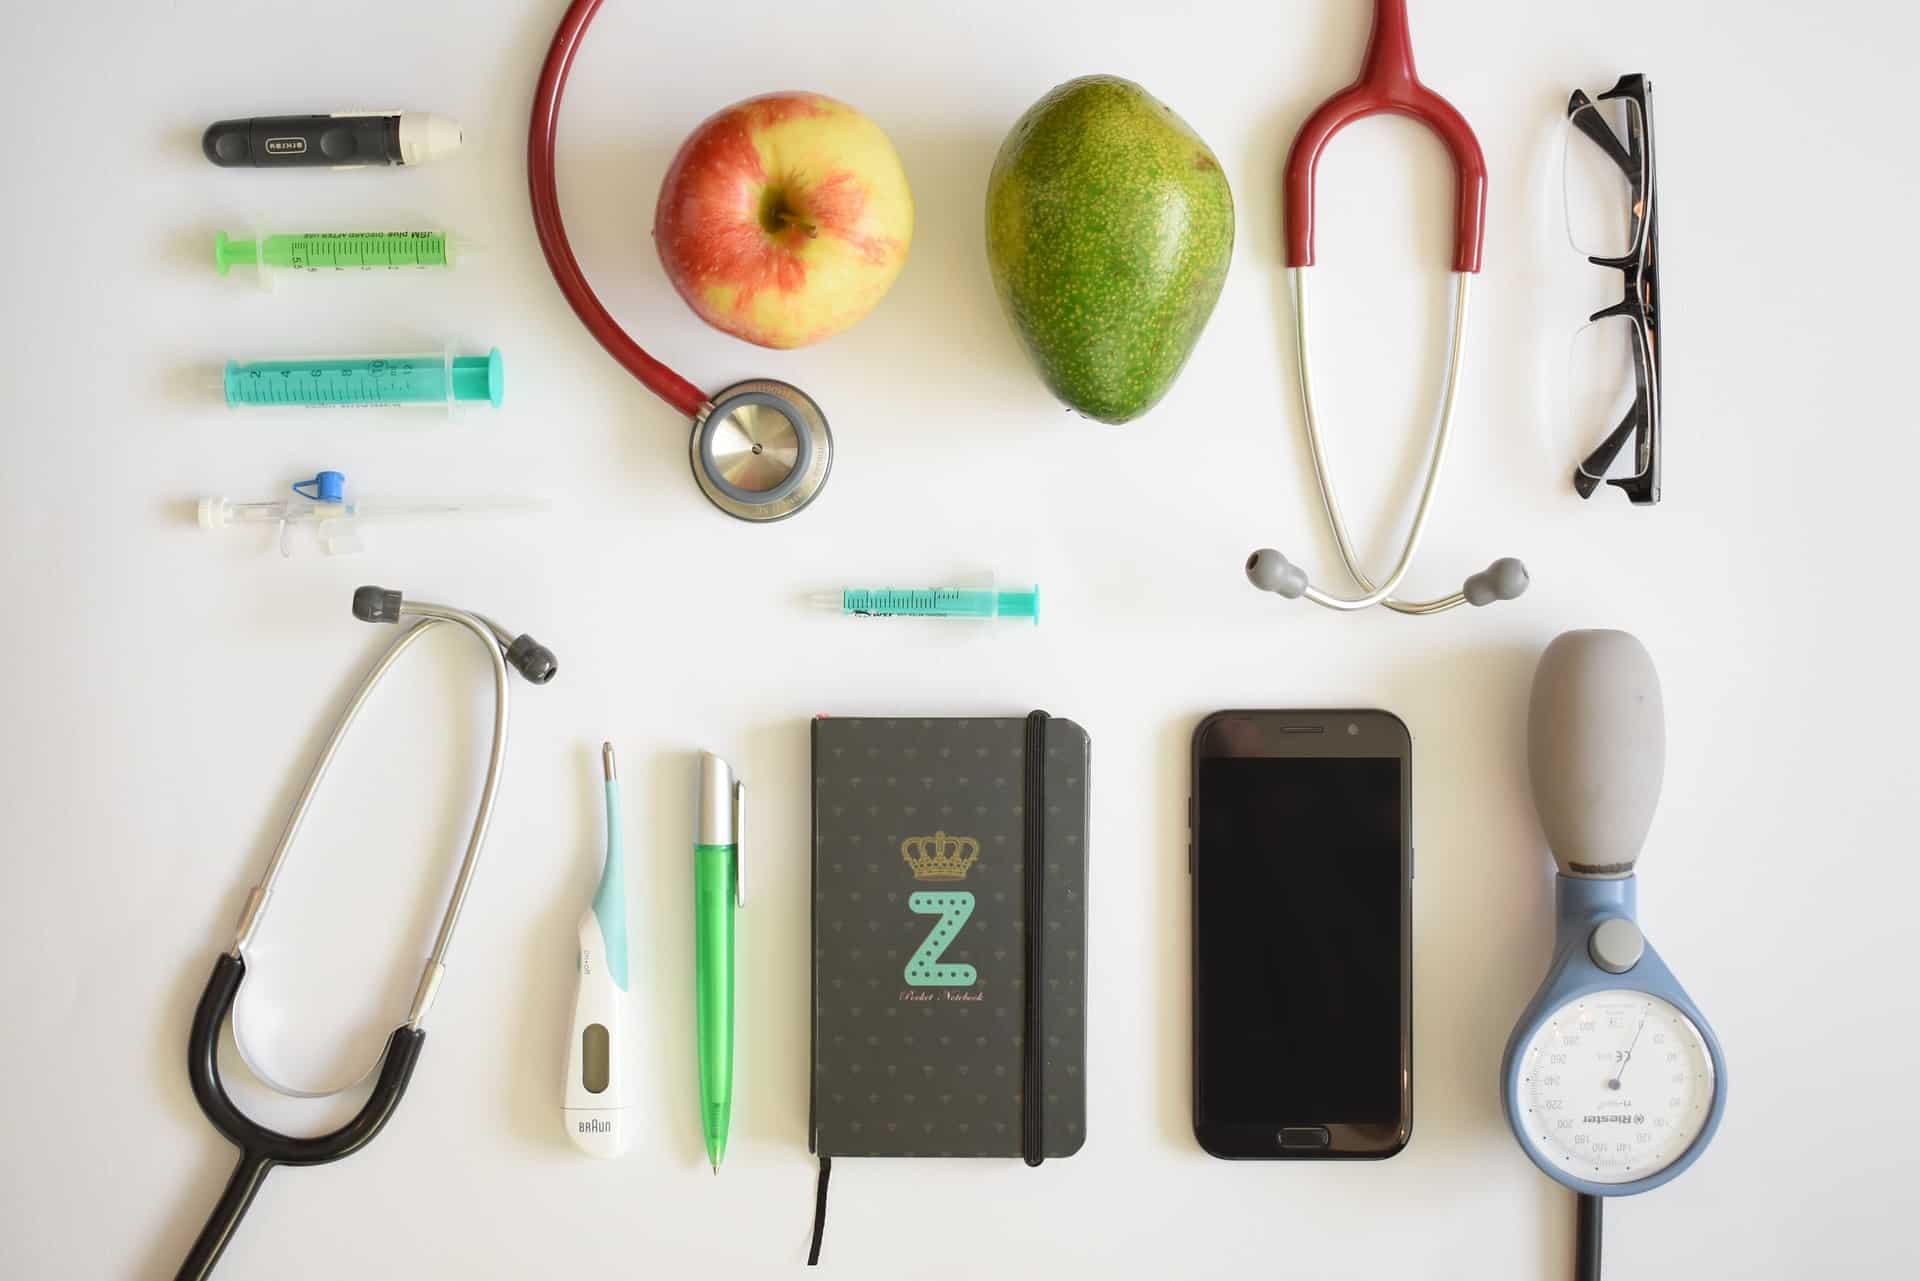 magas vérnyomás pszichológia hogyan kell magnéziumot szedni magas vérnyomás esetén